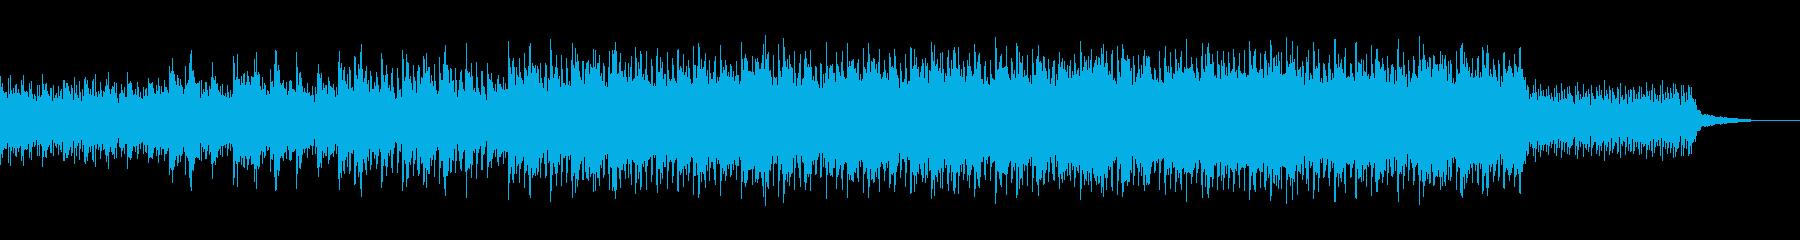 コンセプトムービー シンプル 未来のCMの再生済みの波形